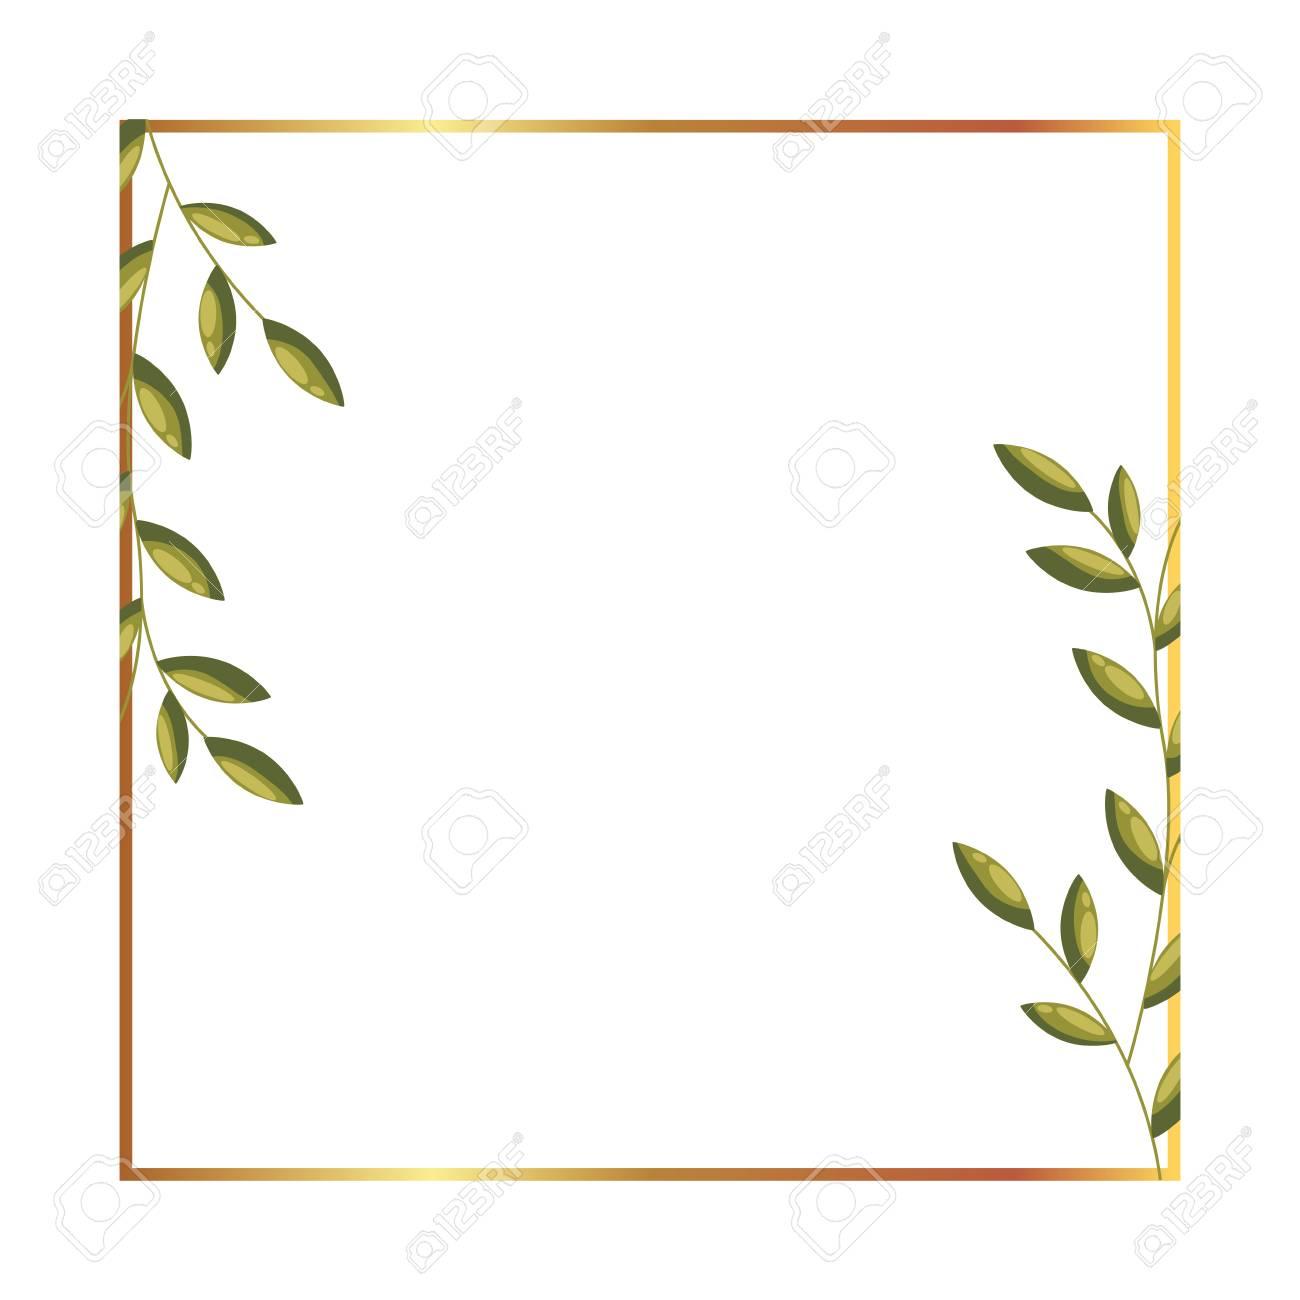 floral label flowers leaves decoration vector illustration - 127273421